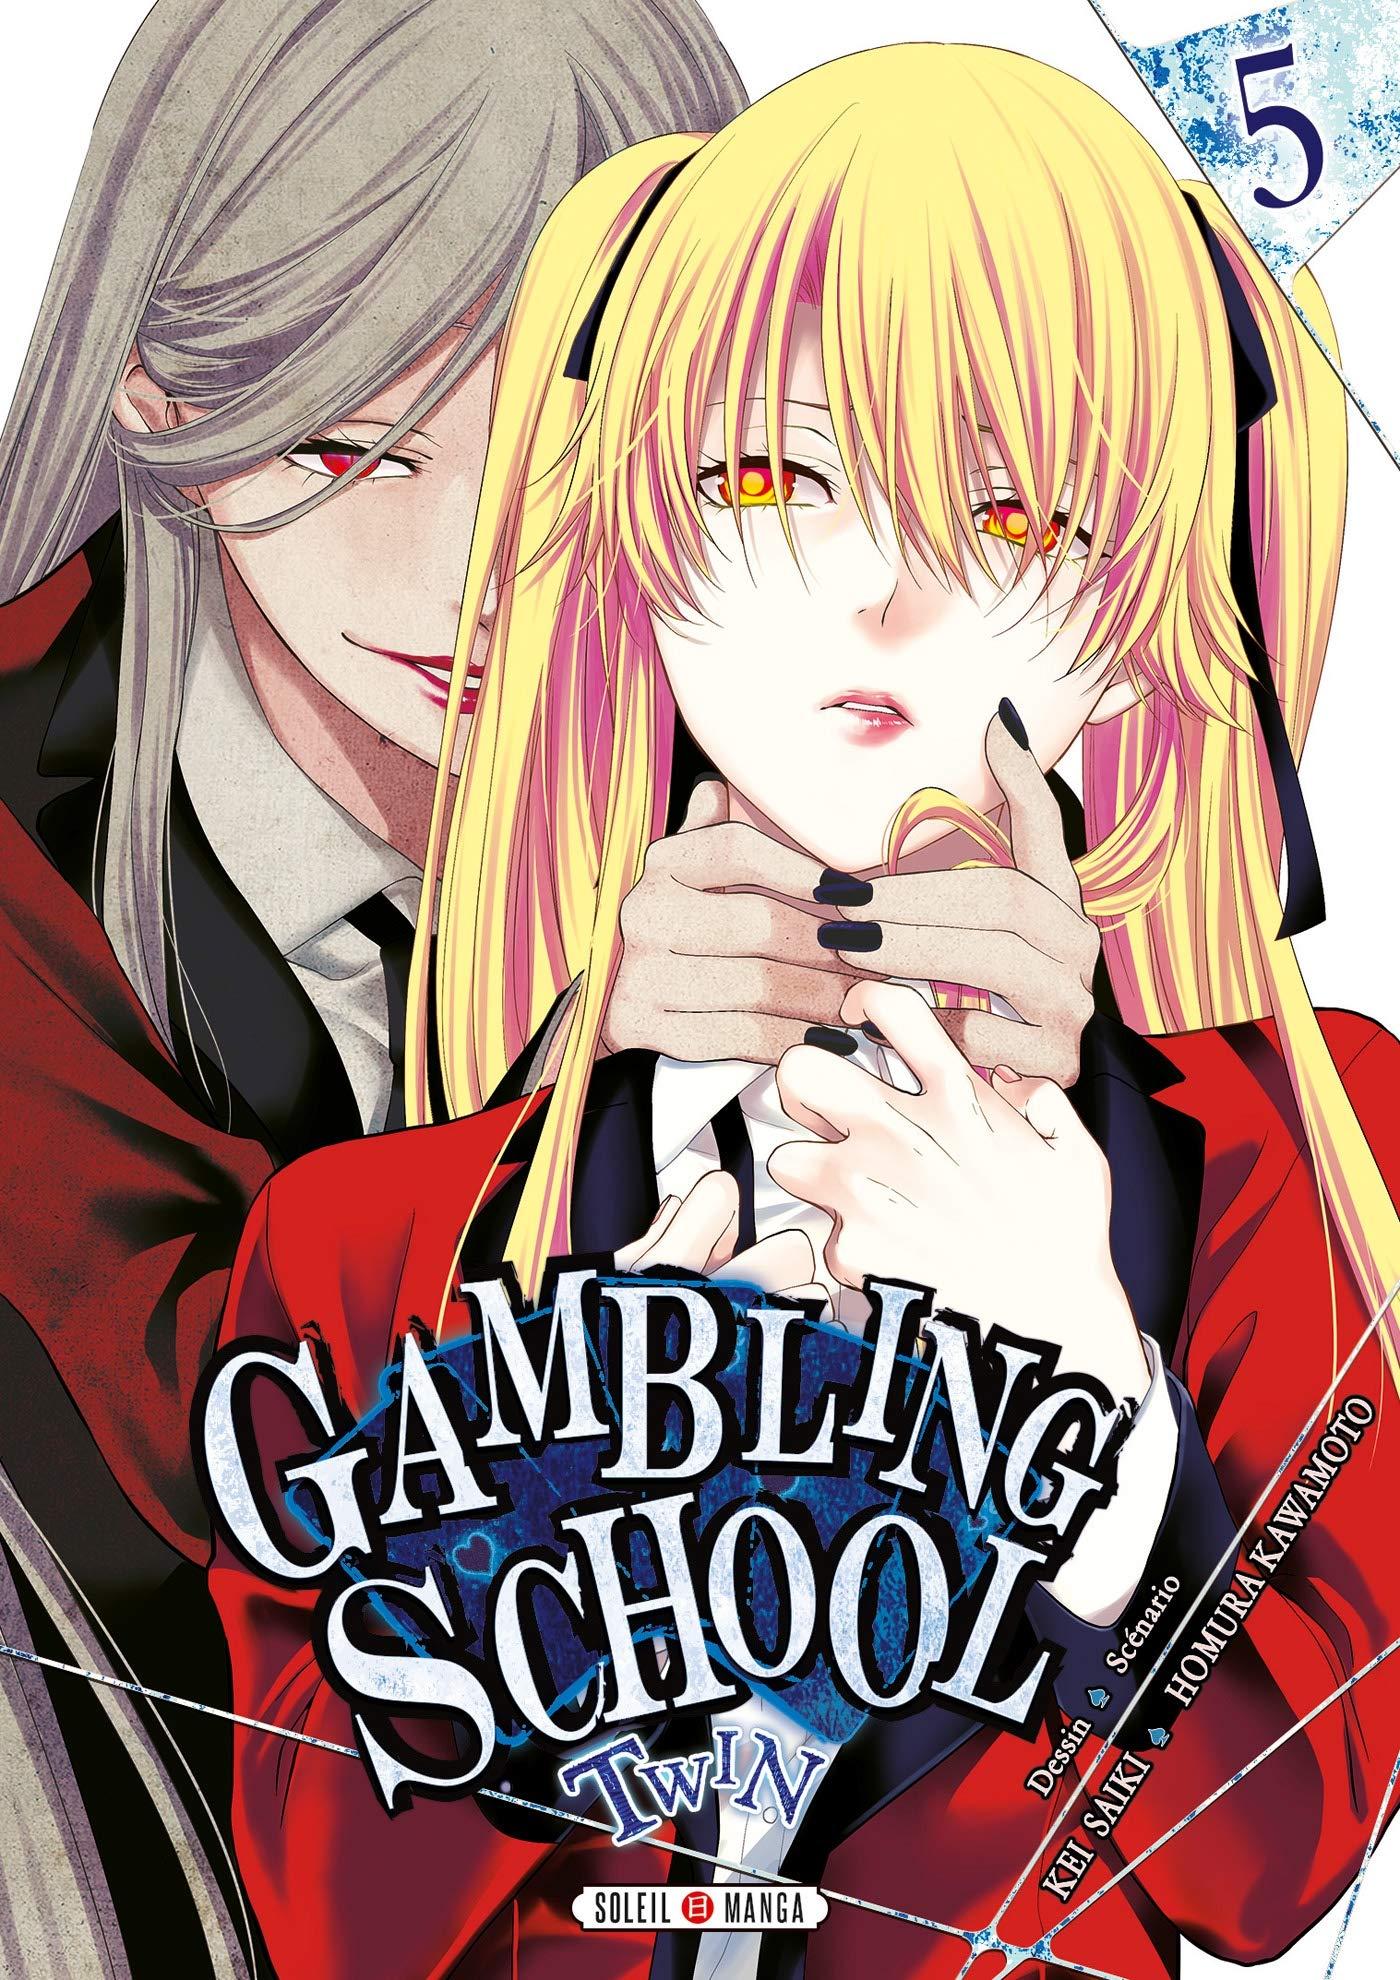 Gambling School Twin 5